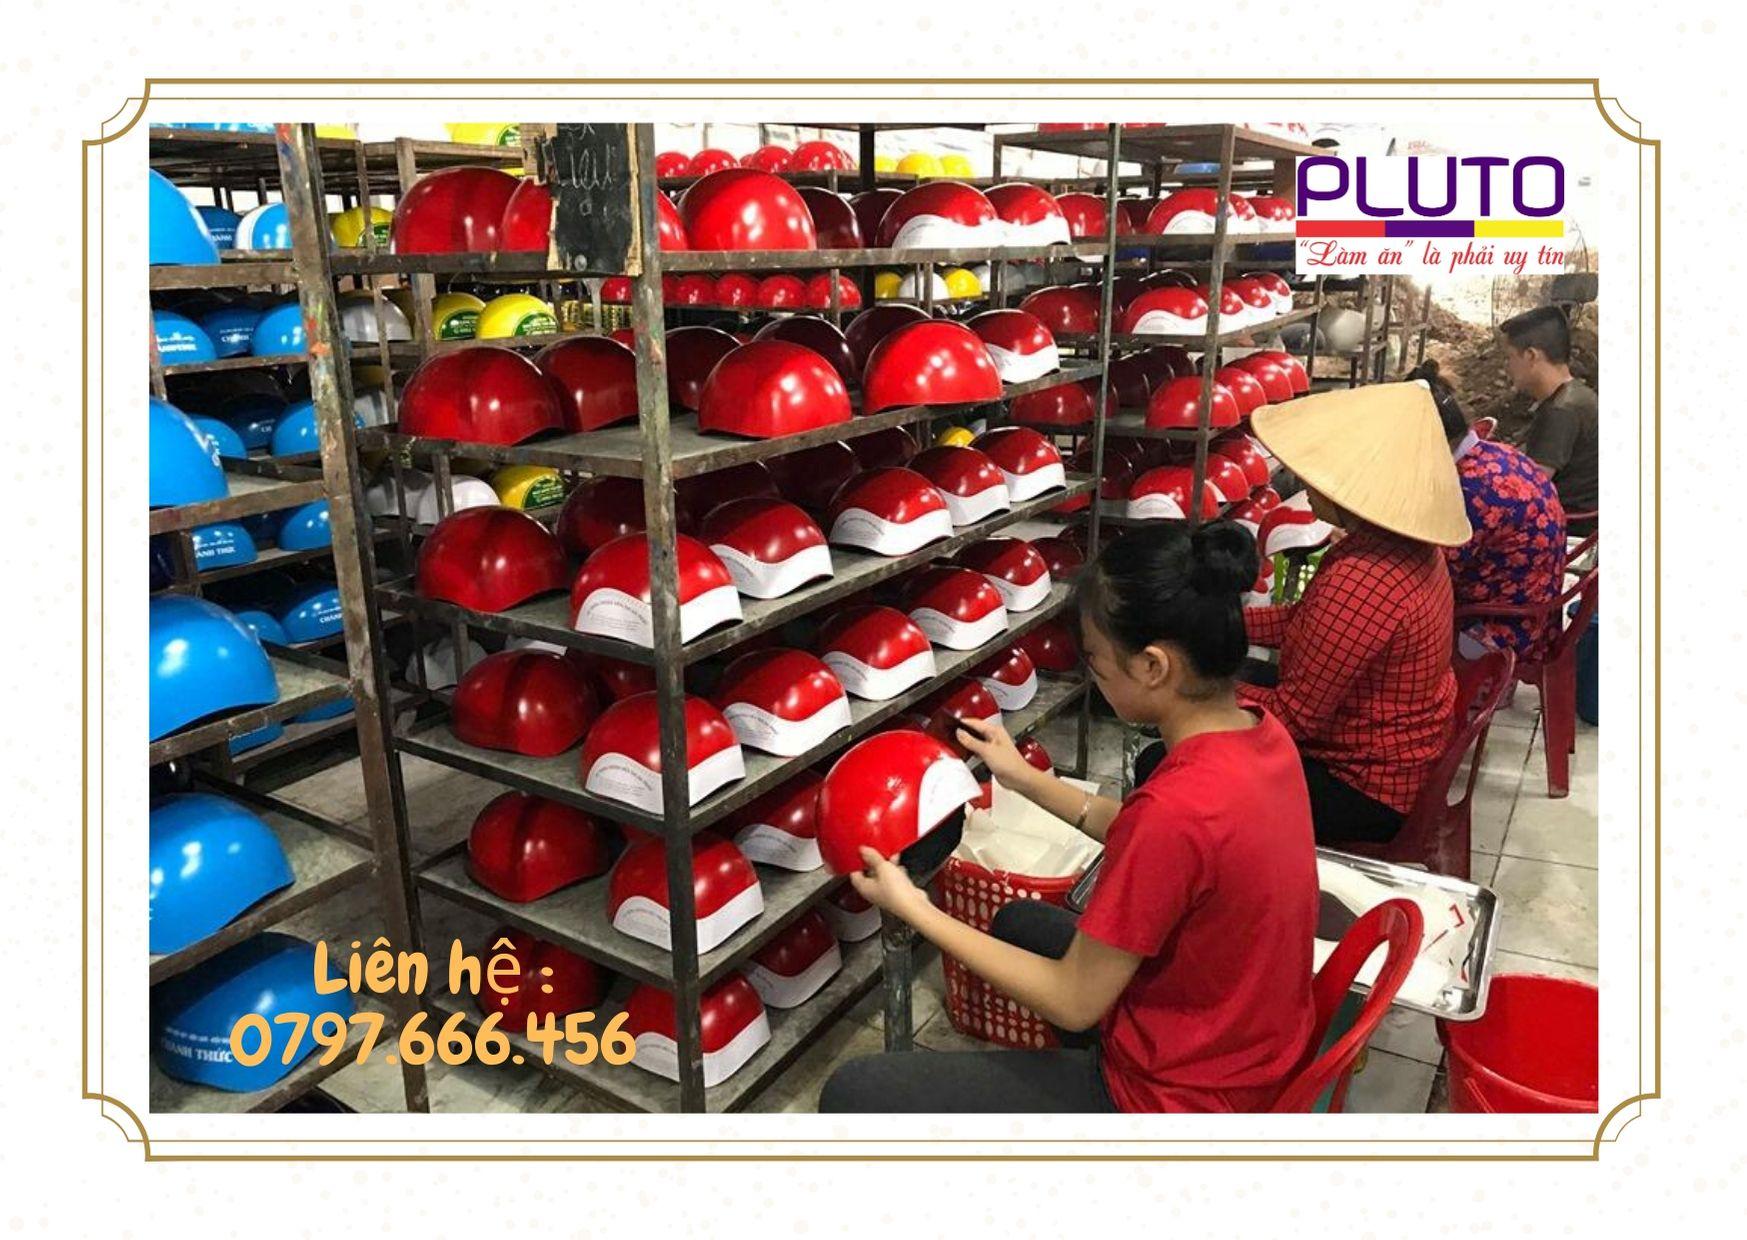 Nón bảo hiểm   xưởng sản xuất nón in logo theo yêu cầu